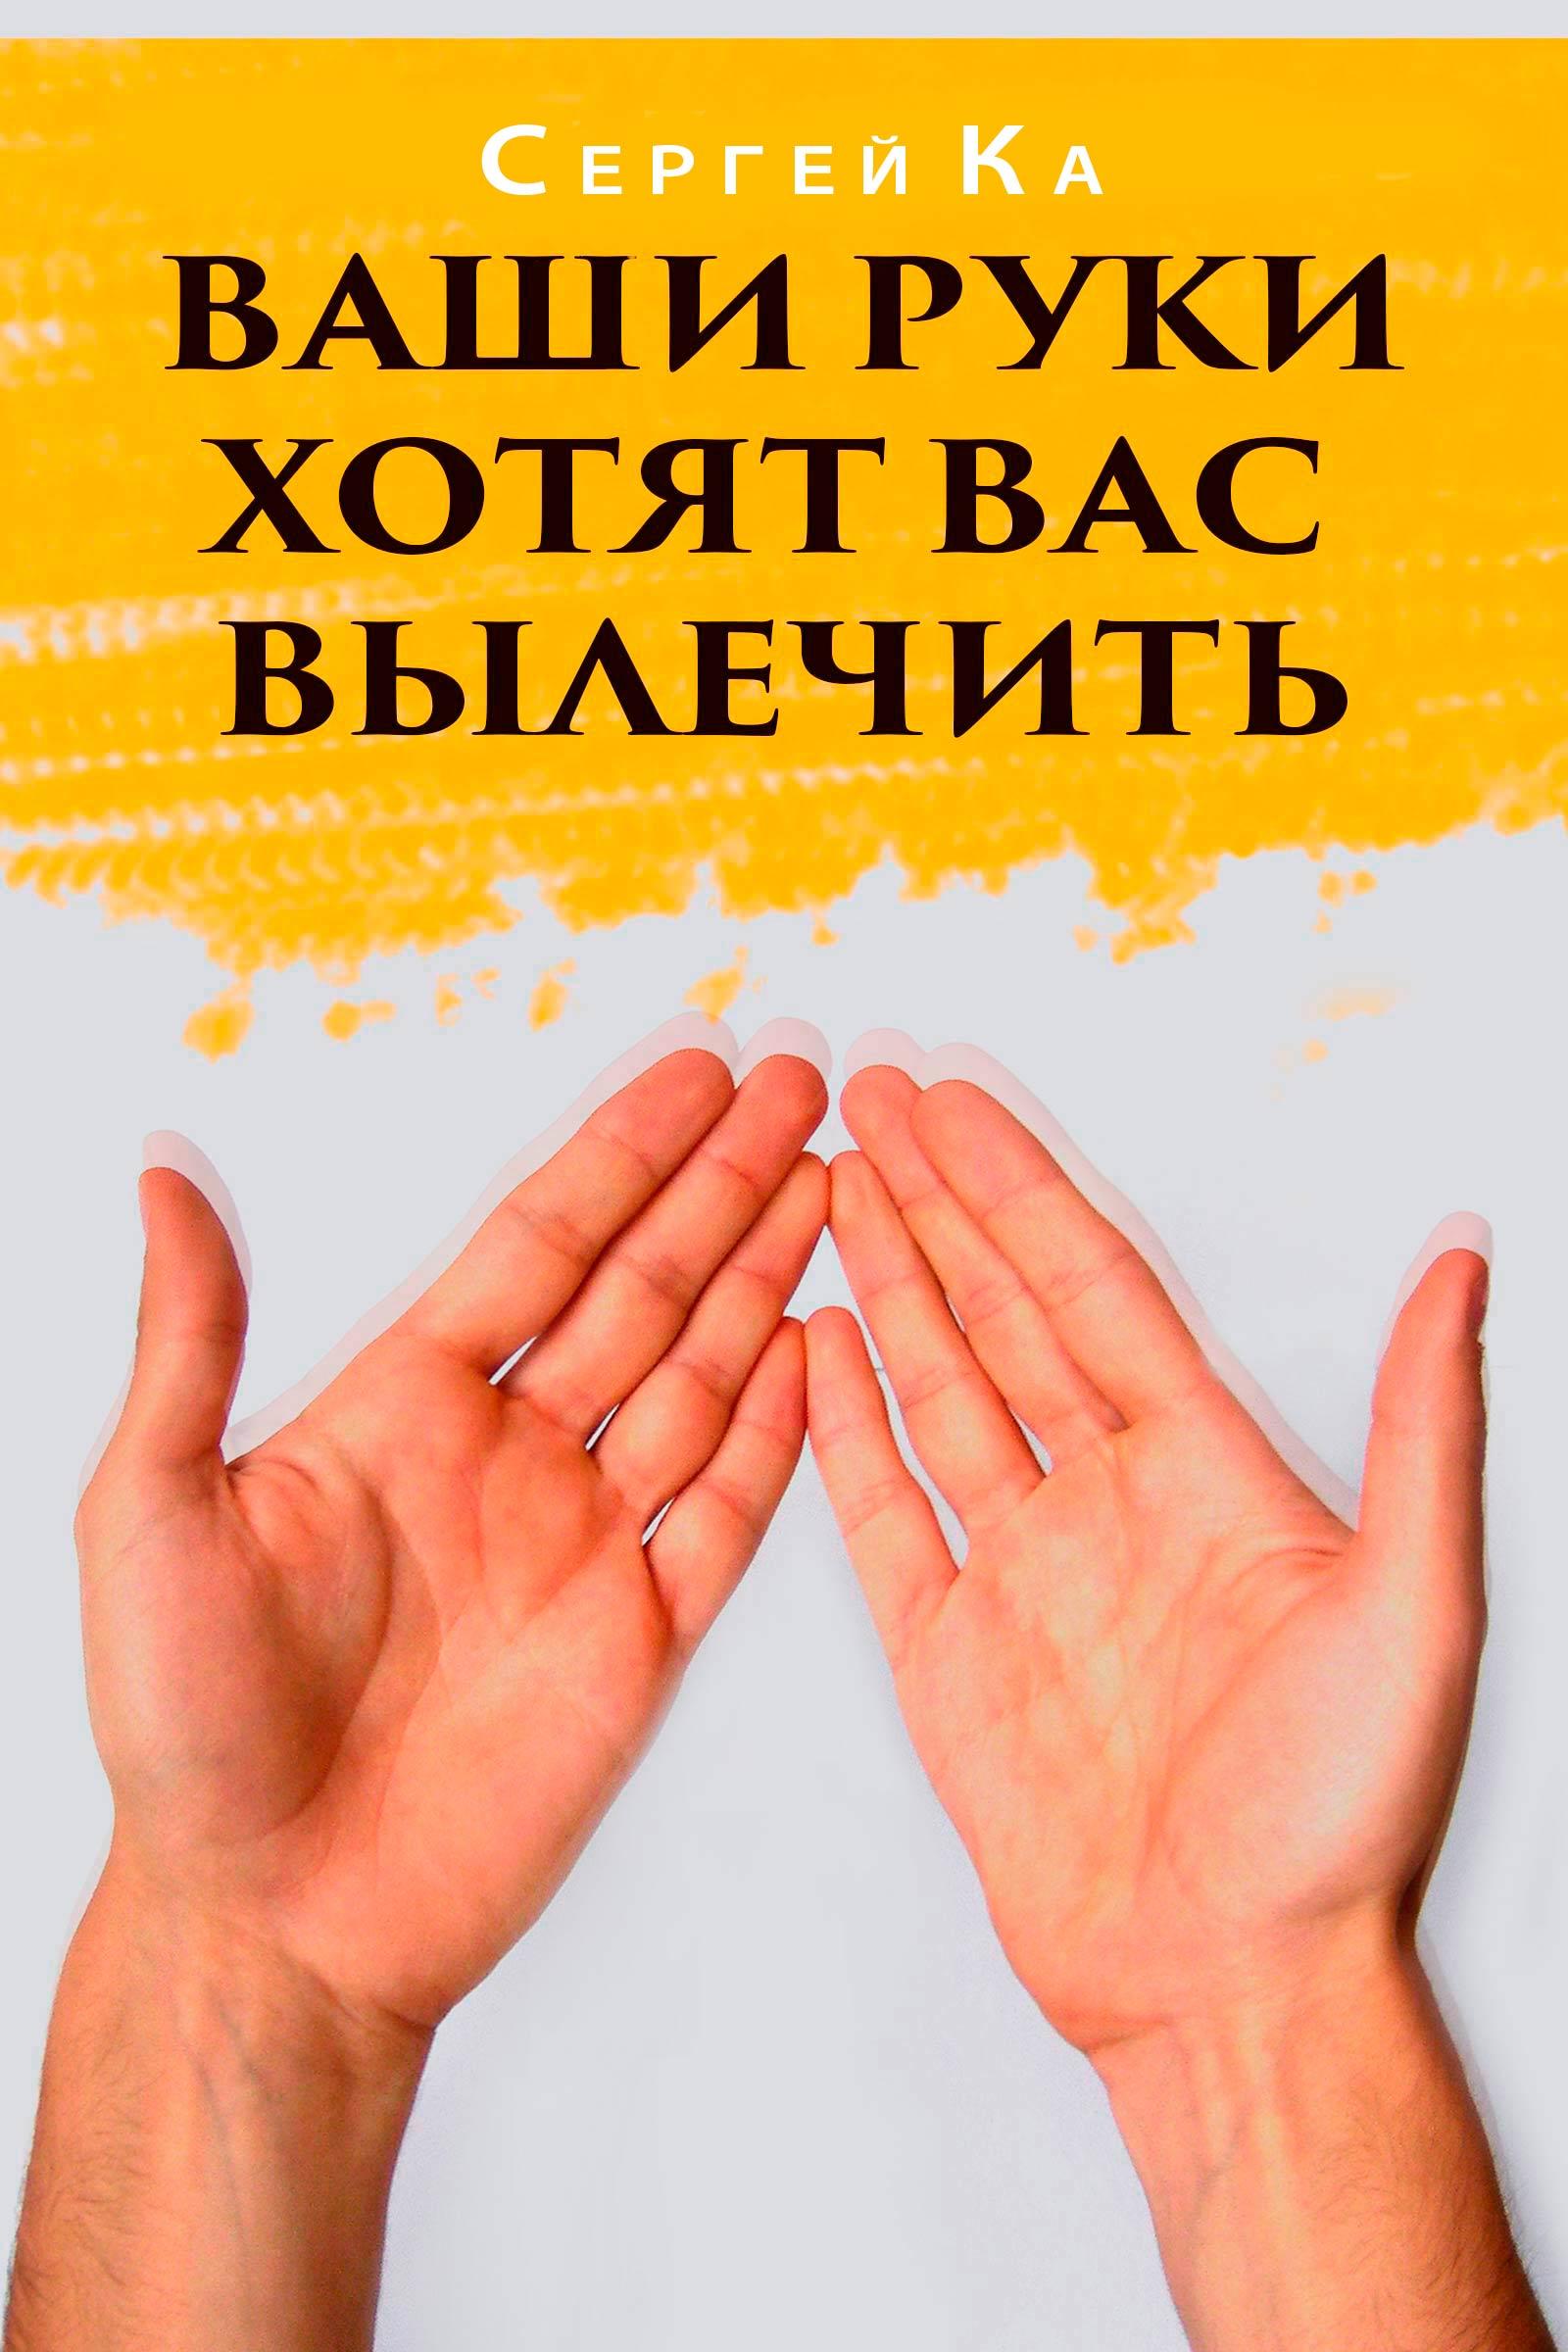 цены Сергей Ка Ваши руки хотят вас вылечить